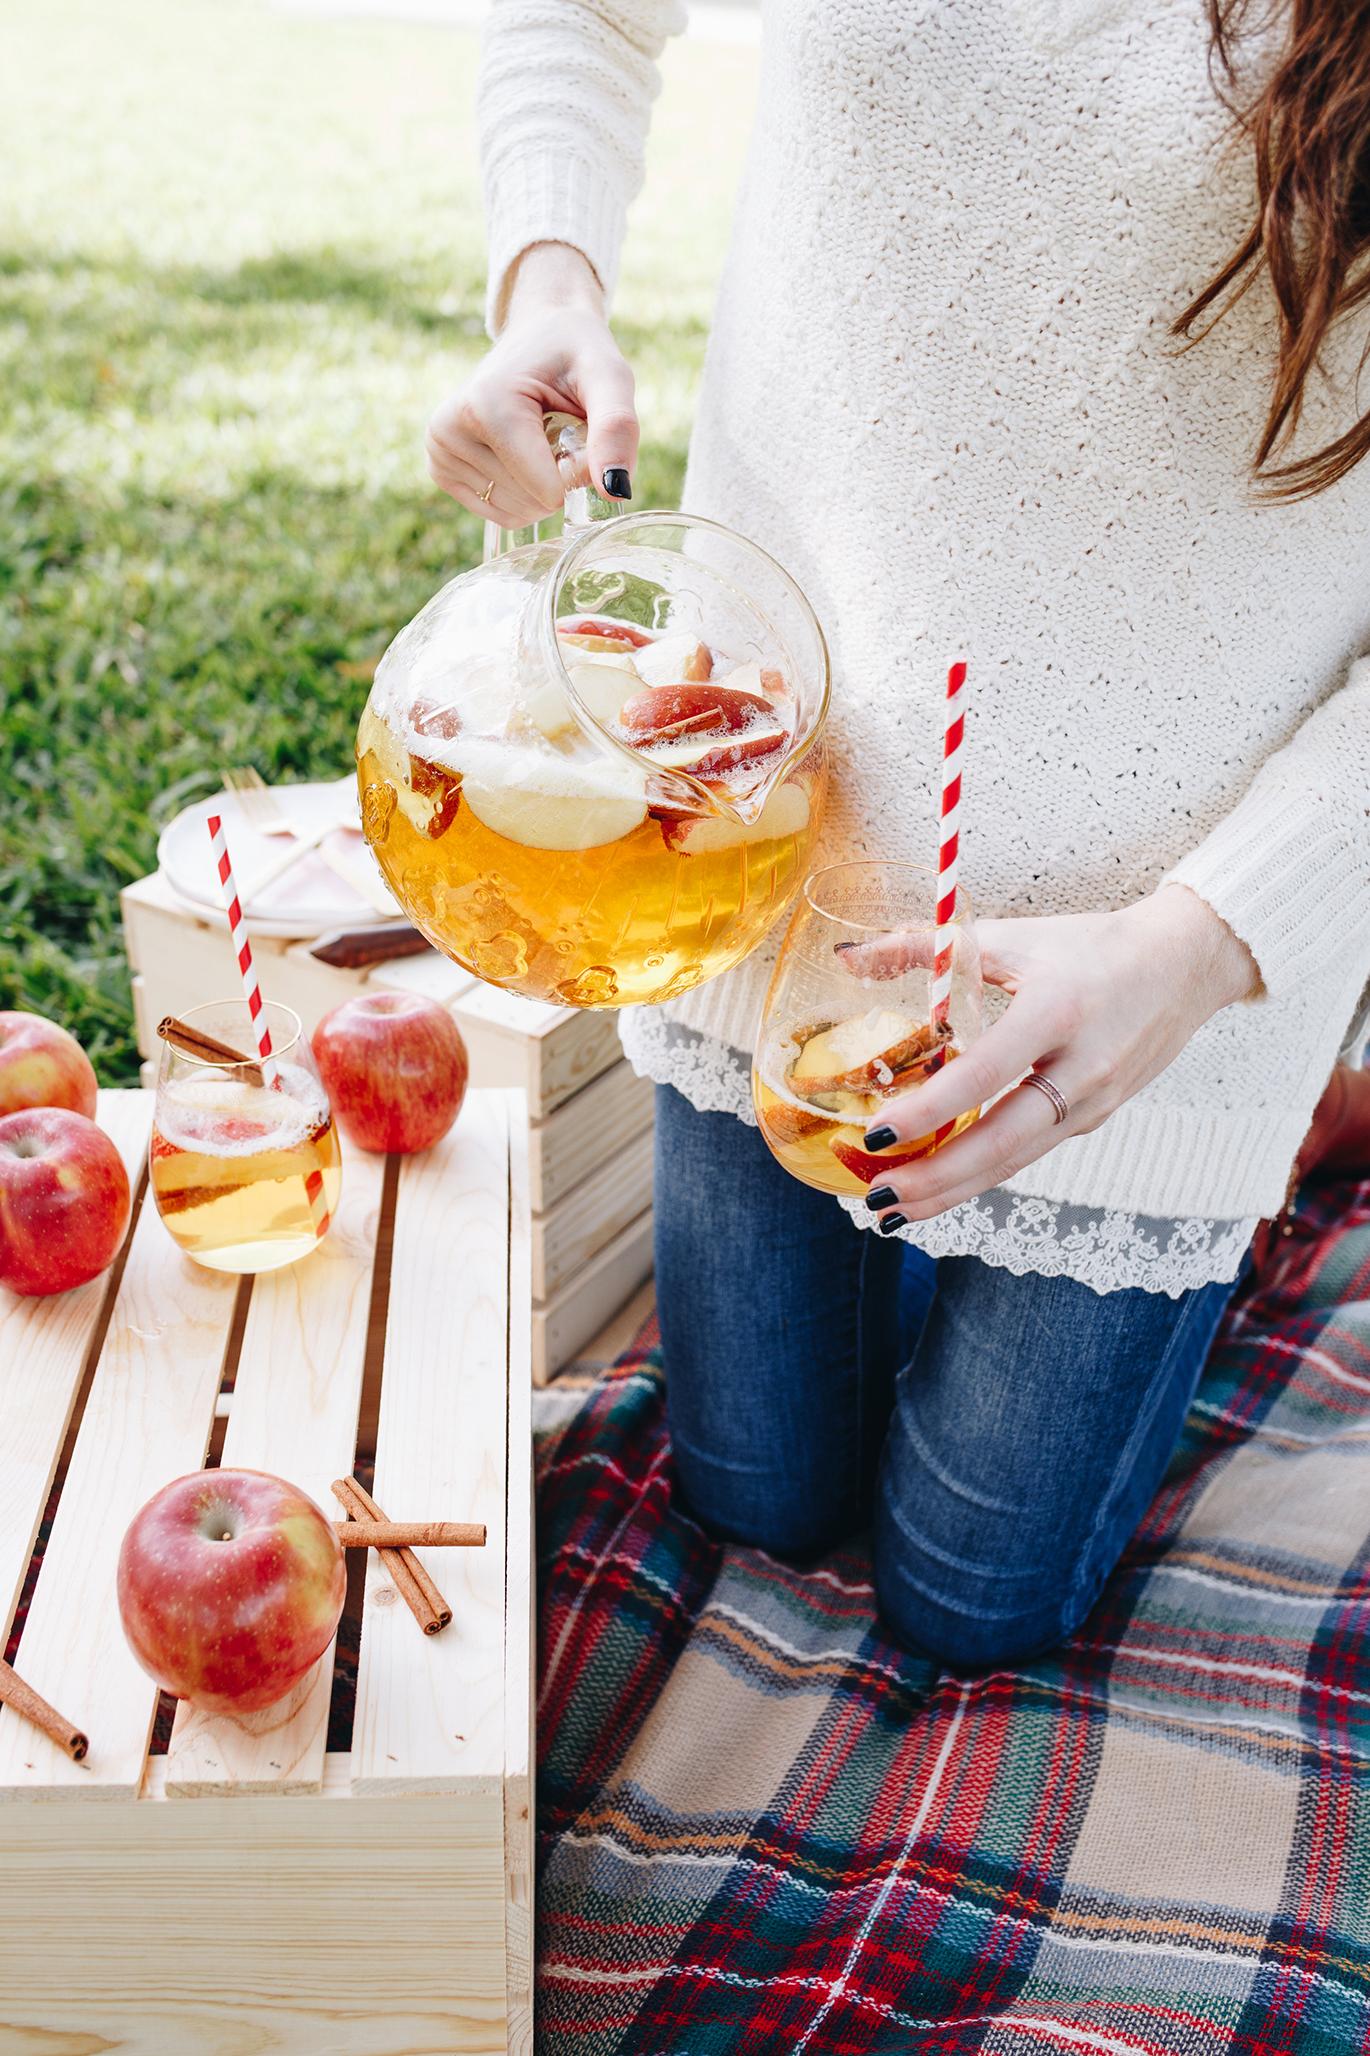 Fall picnic food ideas